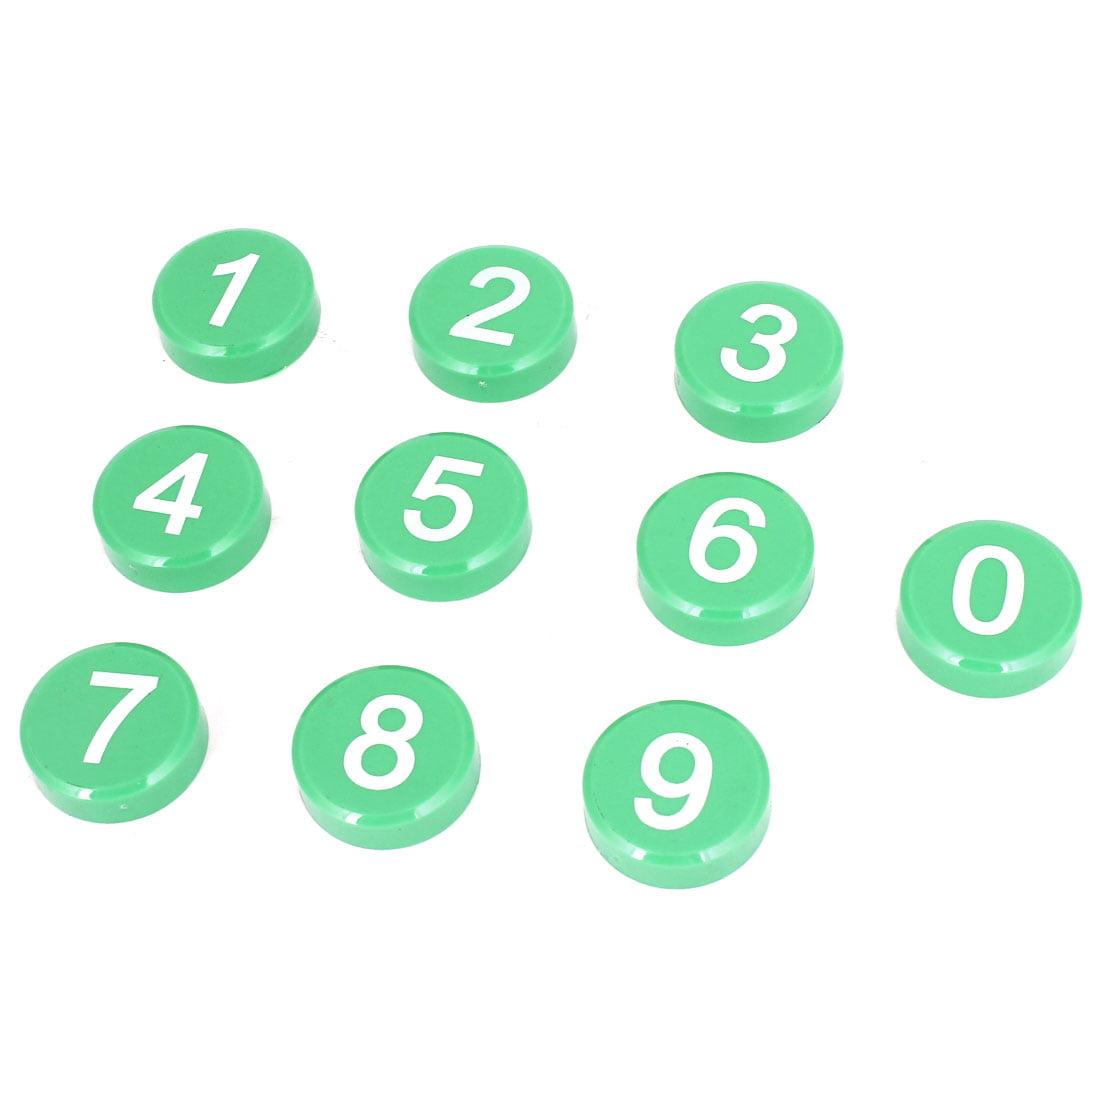 Unique Bargains 10 Pcs Arabic Number Pattern Fridge Refrigerator Magnets Decor